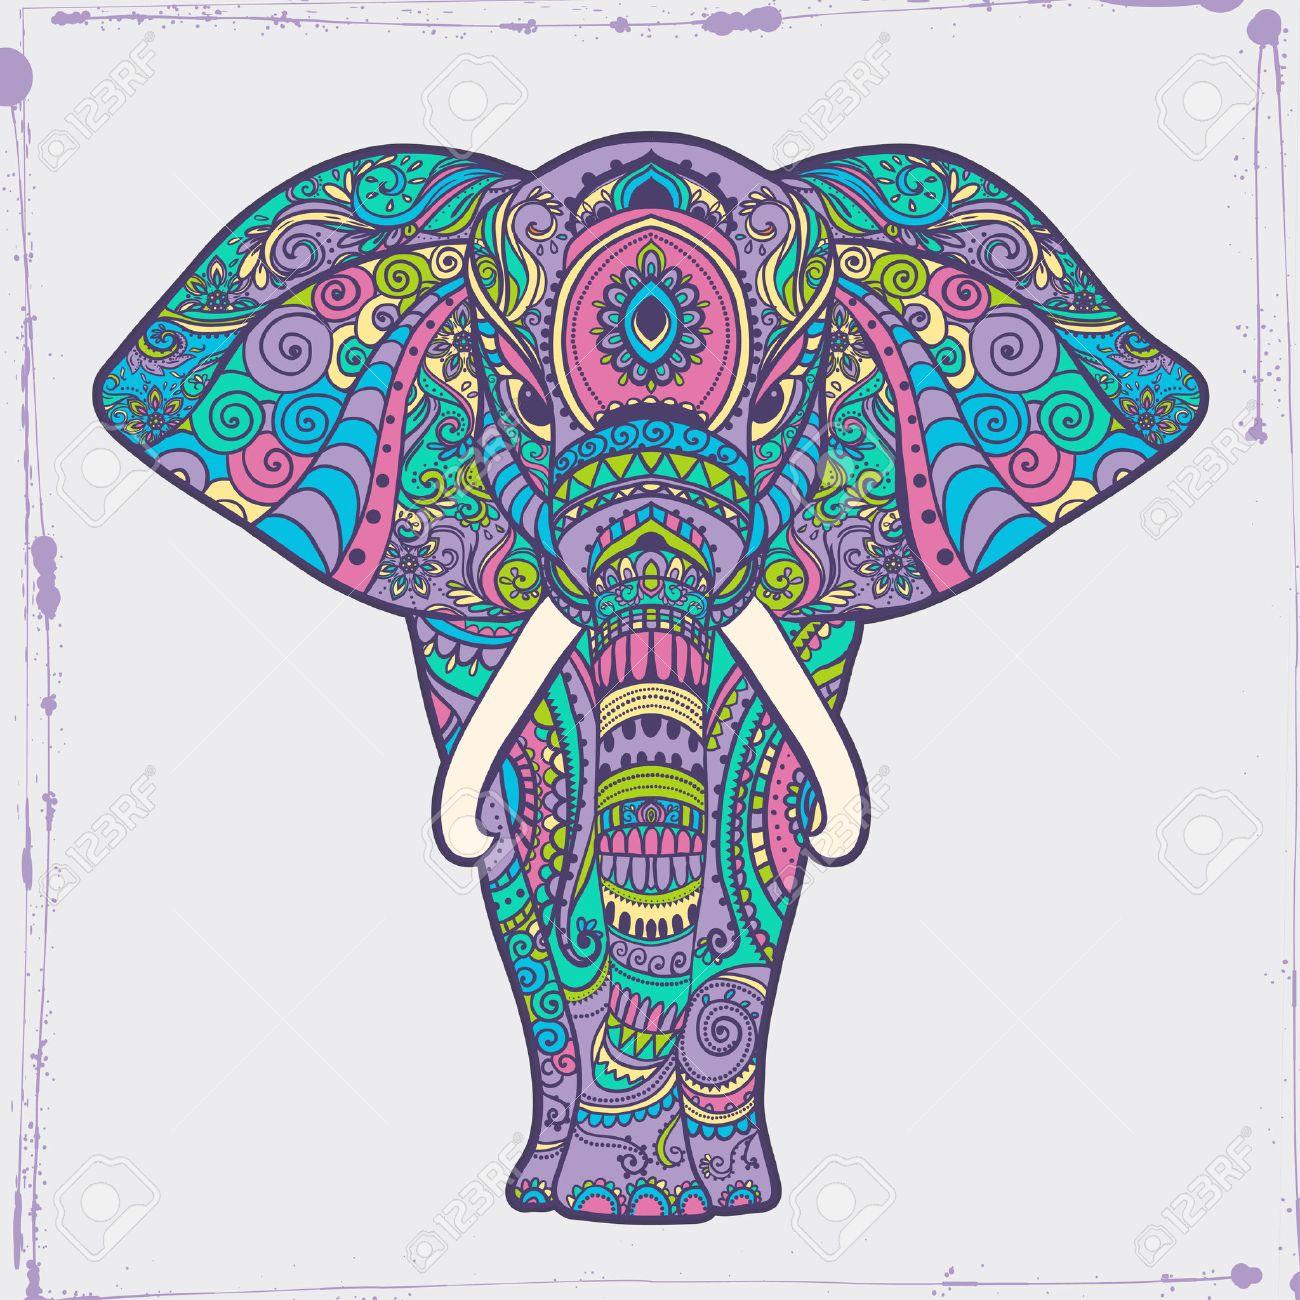 Tolle Malseite Elefant Mit Design Zeitgenössisch - Beispiel ...